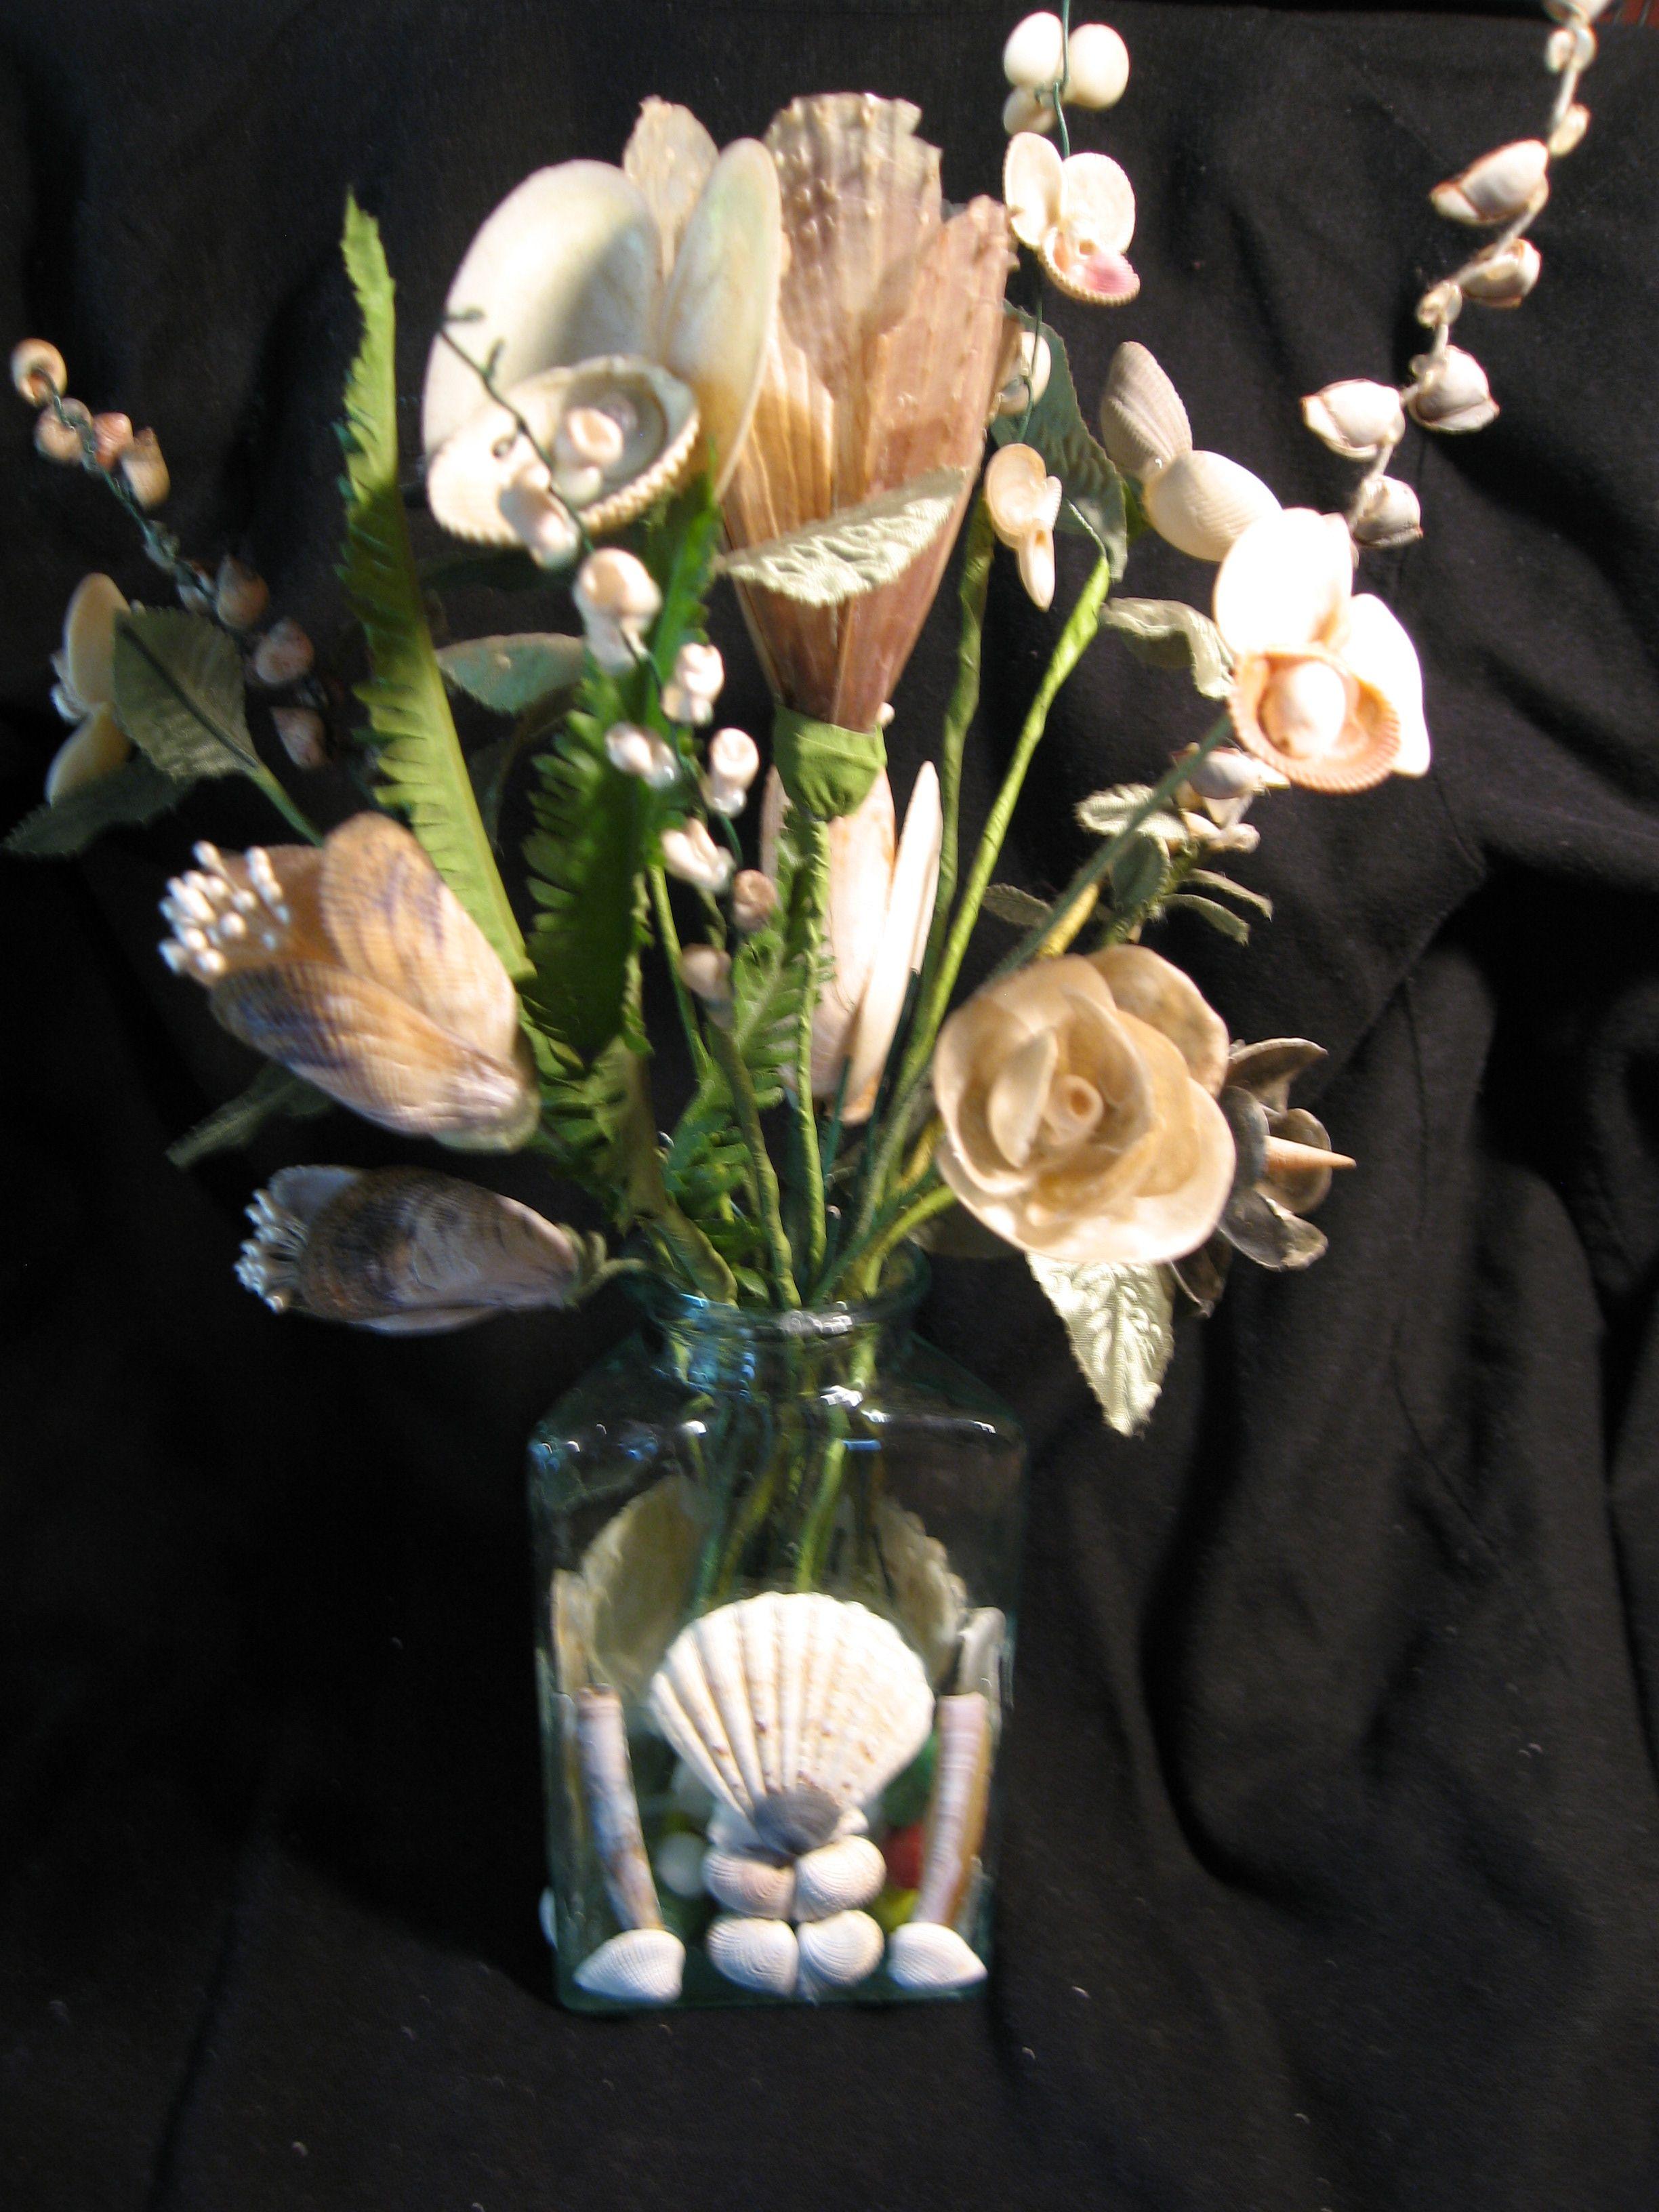 Seashell flower vase flowers faboulous pinterest shell seashell flower vase reviewsmspy